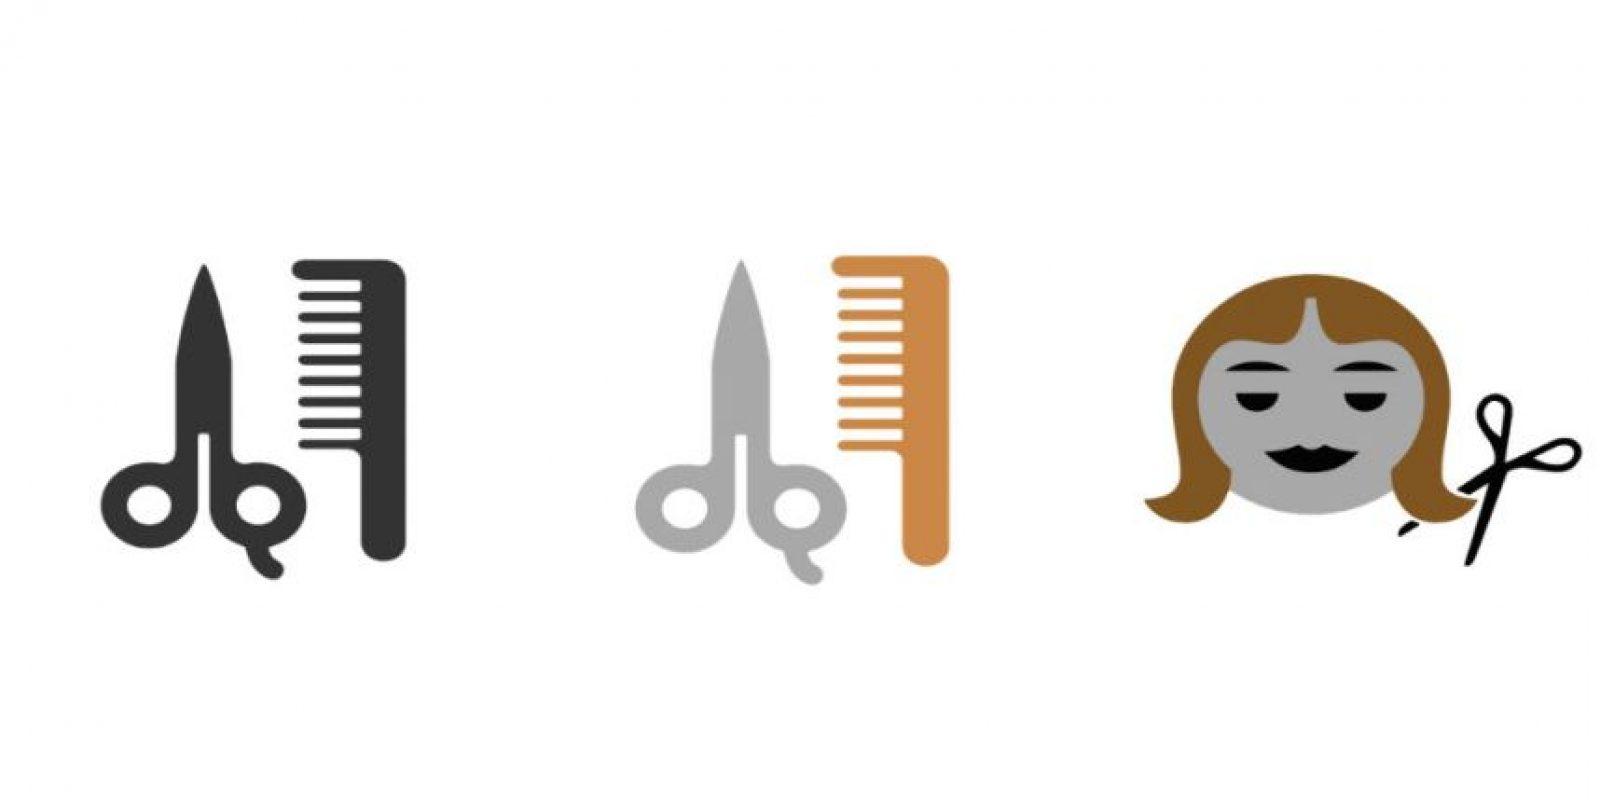 Y se añadieron tres dibujos que aluden a cortes de cabello o salon de belleza Foto:Emojipedia